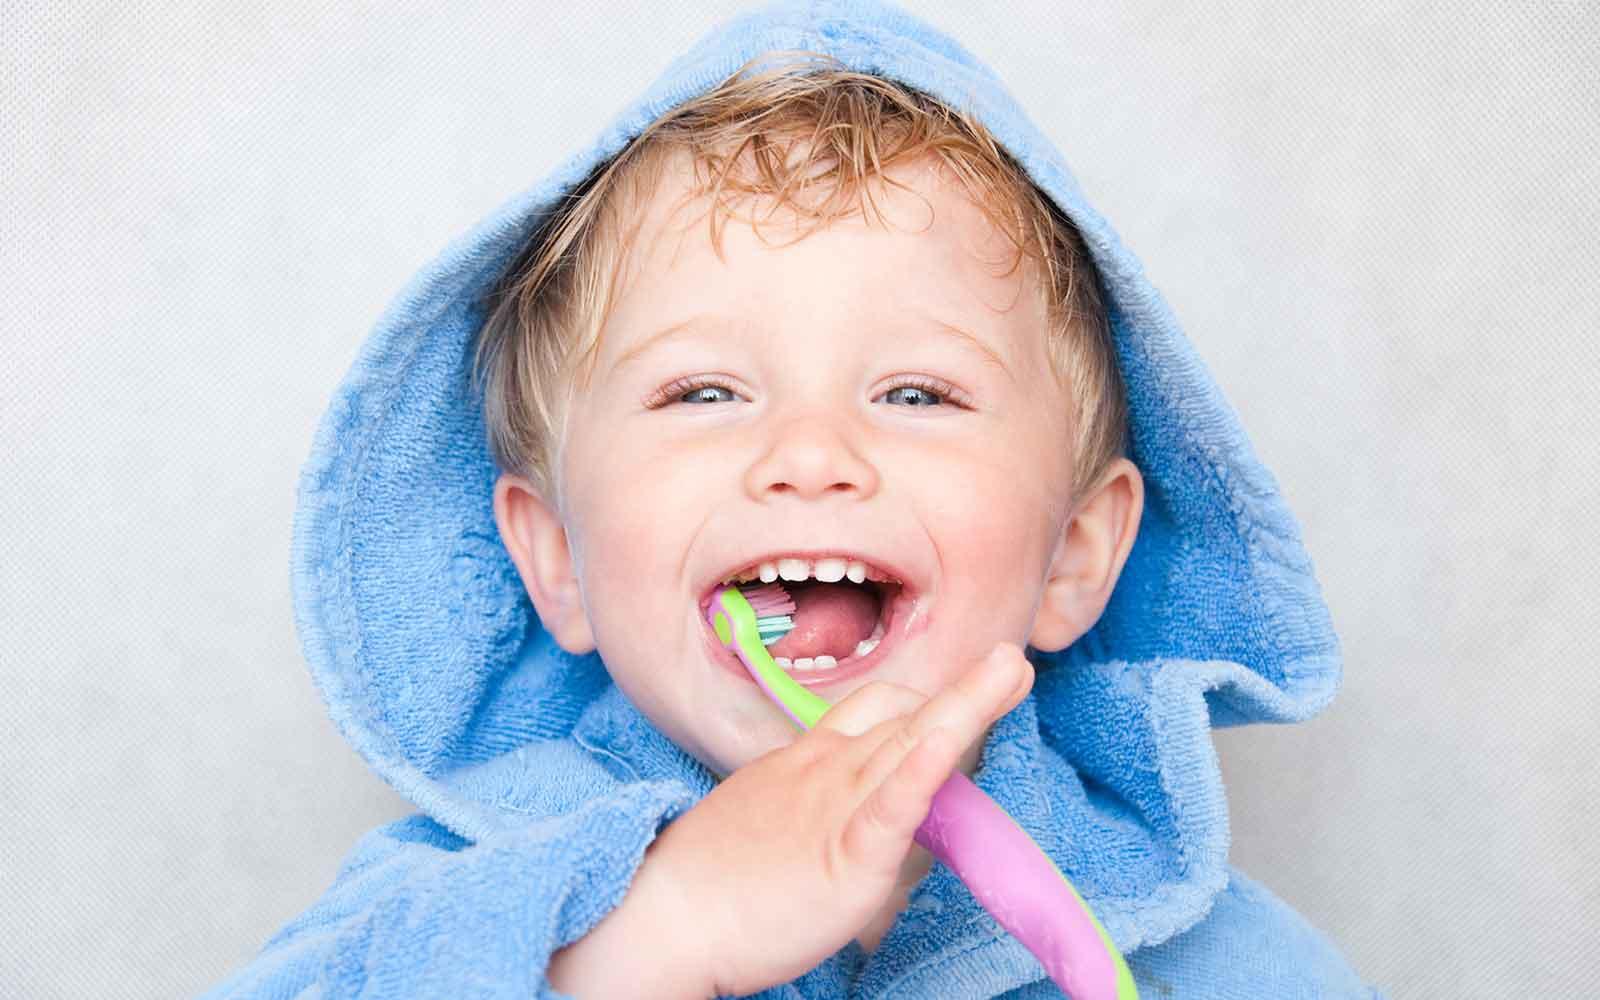 Kleiner Junge hat eine blaues Handtuch über dem Kopf und hält eine Zahnbürste in den Mund